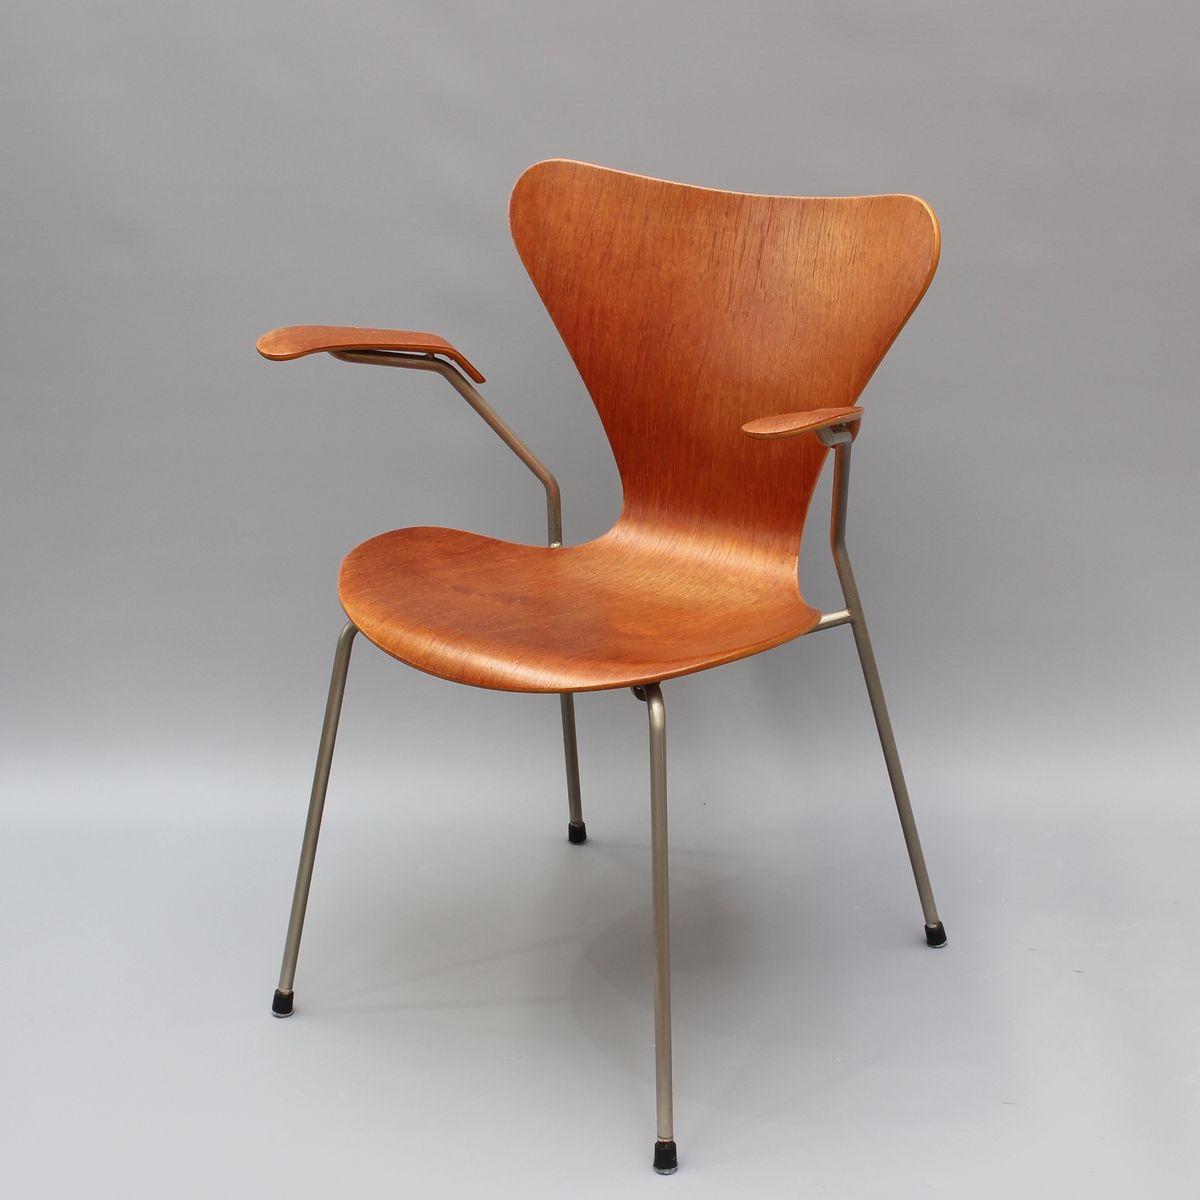 chaise s rie 7 en palissandre par arne jacobsen pour fritz hansen 1960s en vente sur pamono. Black Bedroom Furniture Sets. Home Design Ideas